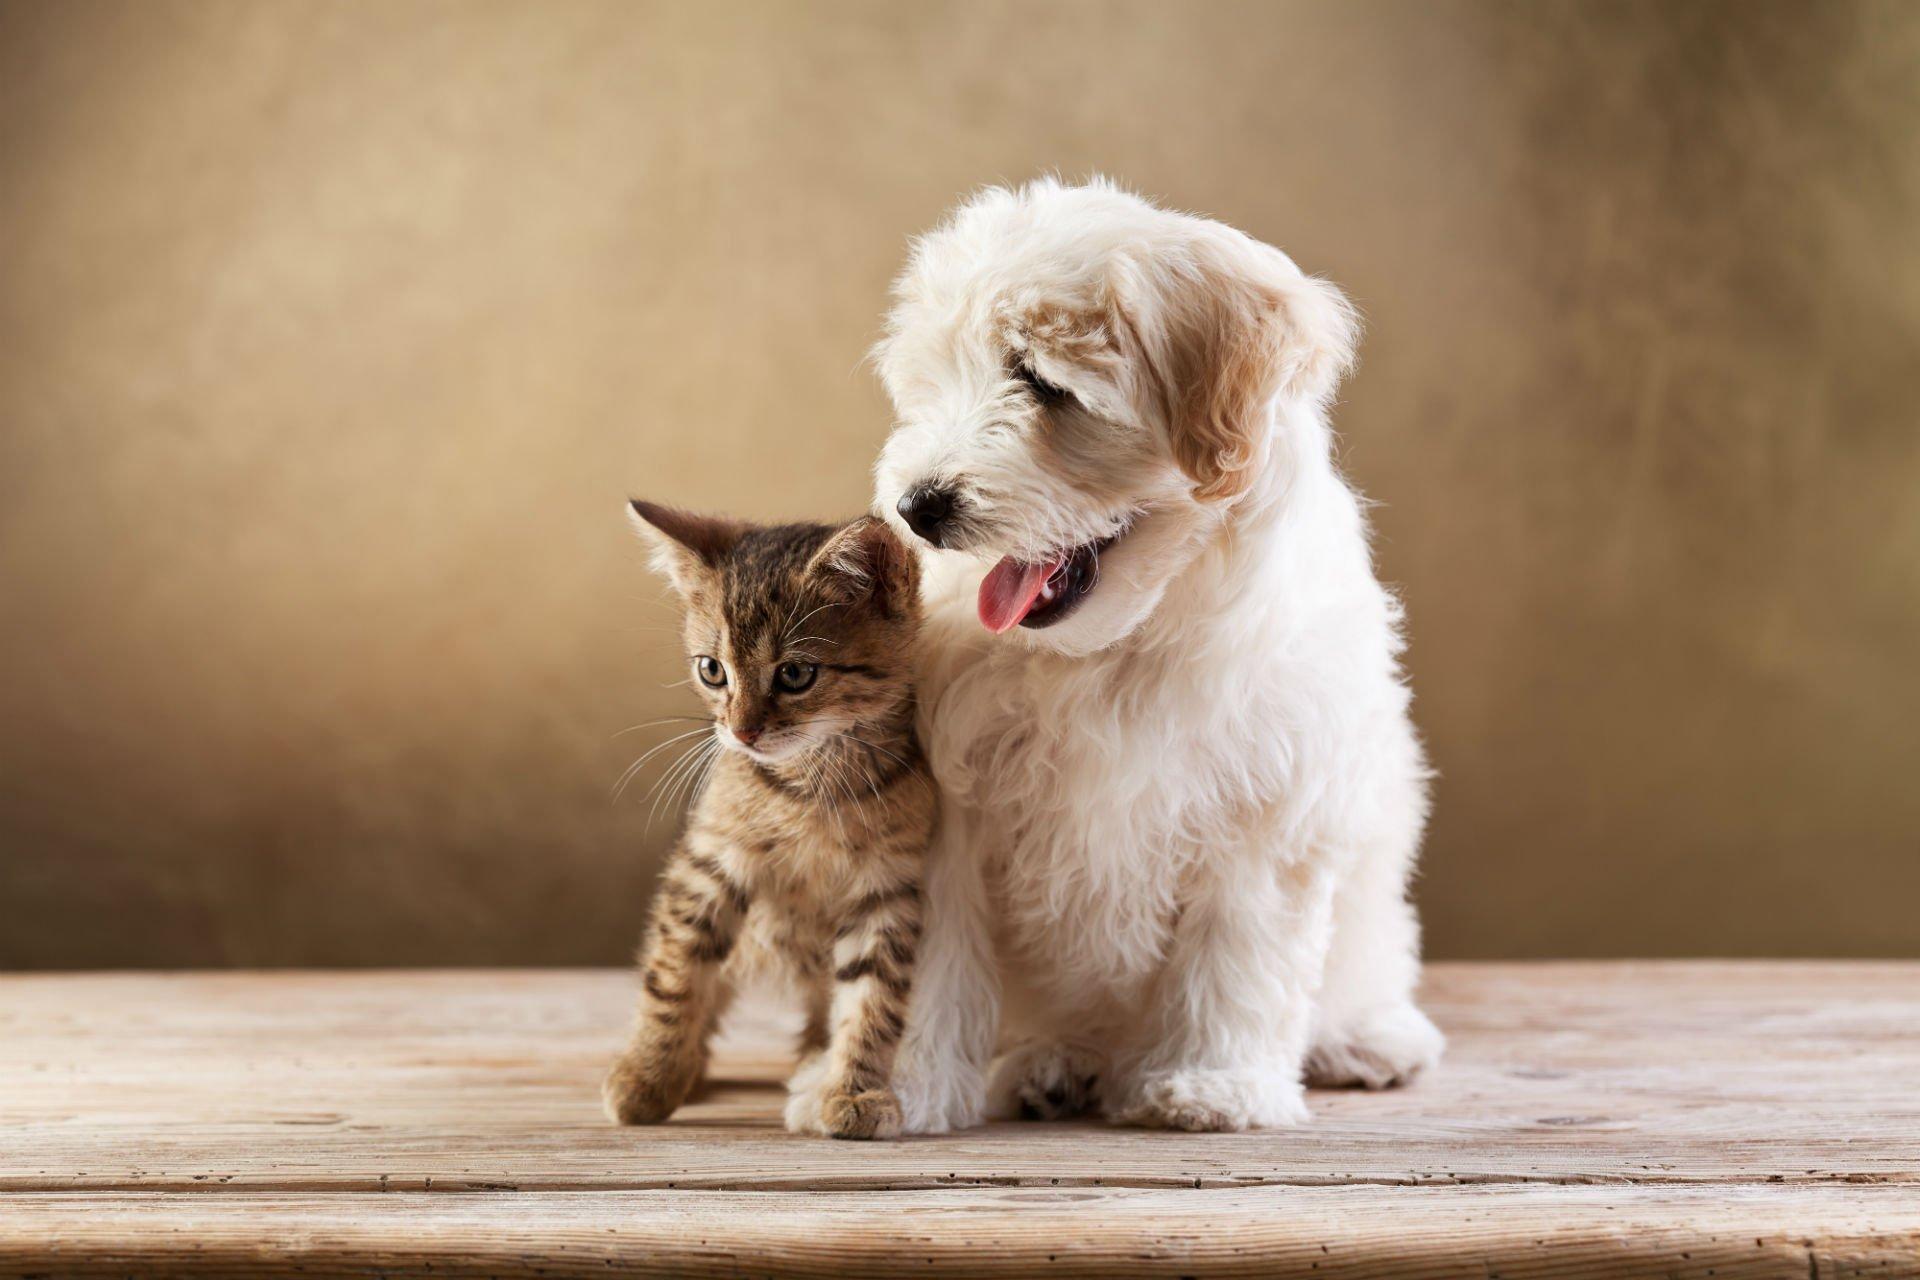 un cagnolino bianco e affianco un gattino